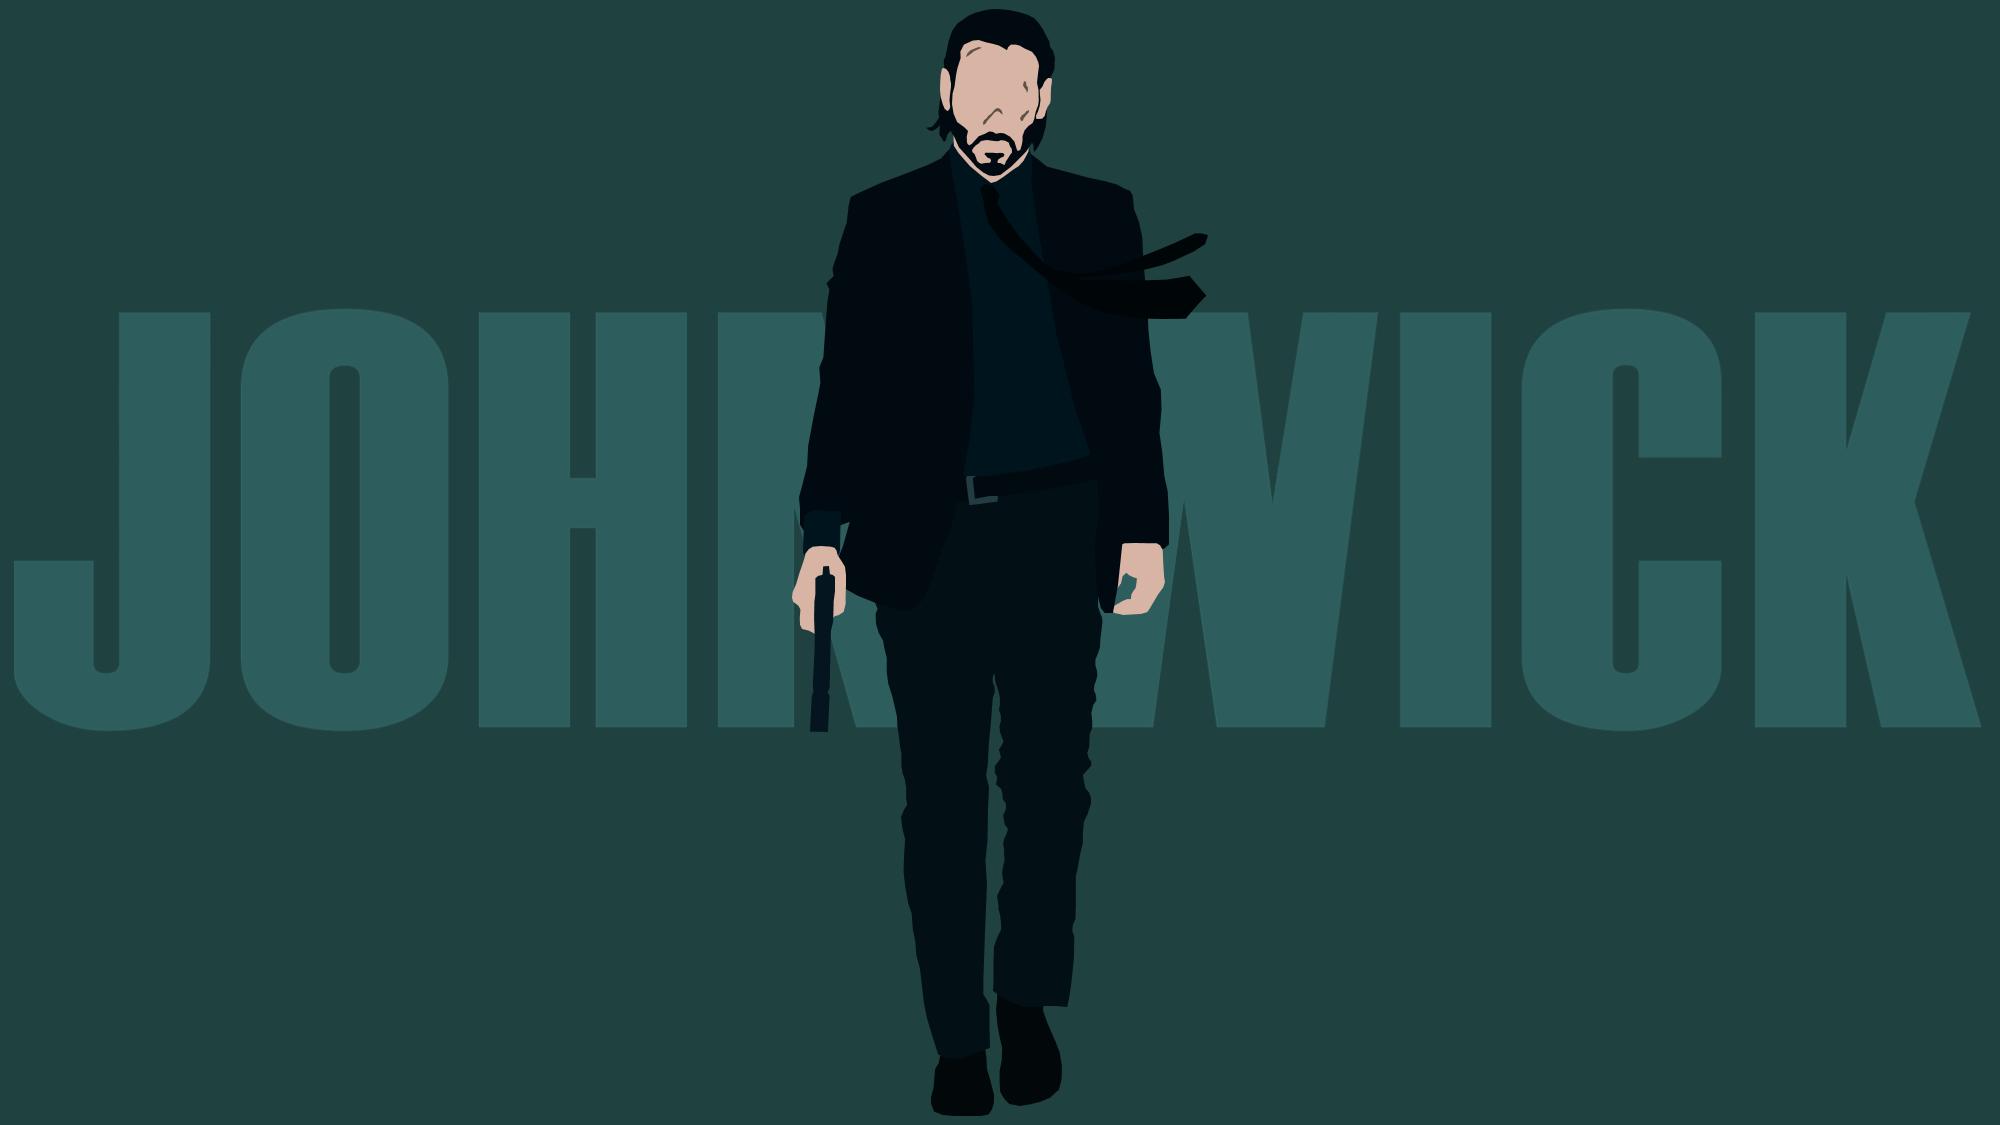 John Wick By Reverendtundra On Deviantart